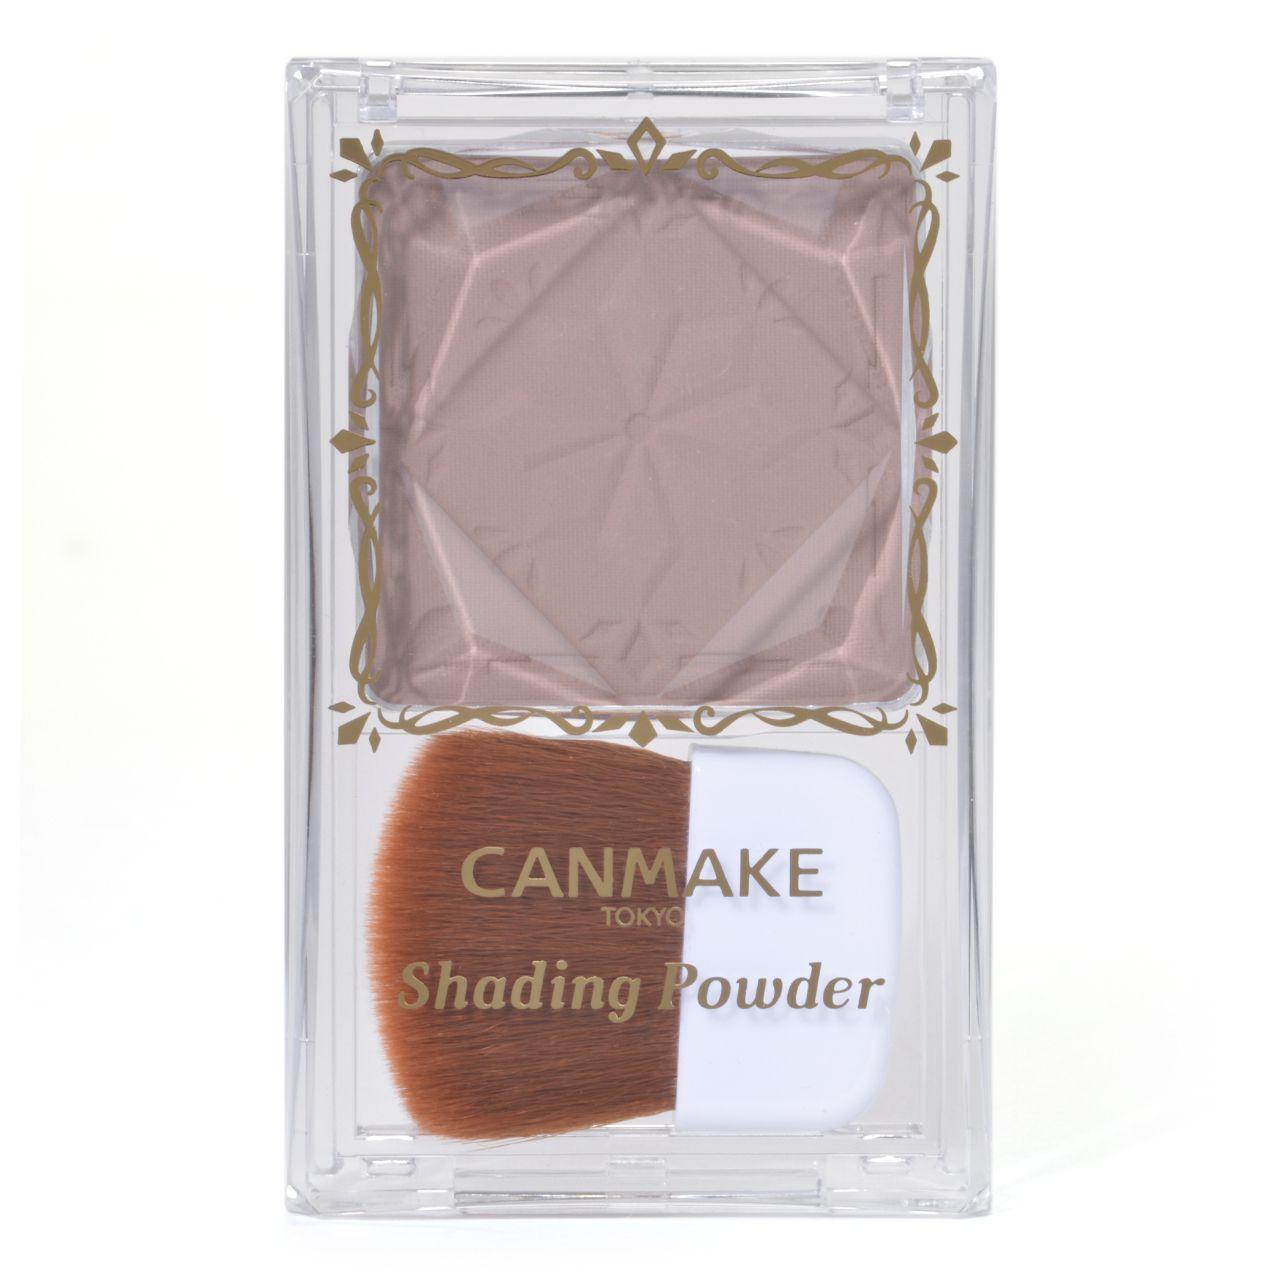 キャンメイク CANMAKE シェーディングパウダー 本体 05 ムーングレージュ 5gのバリエーション3